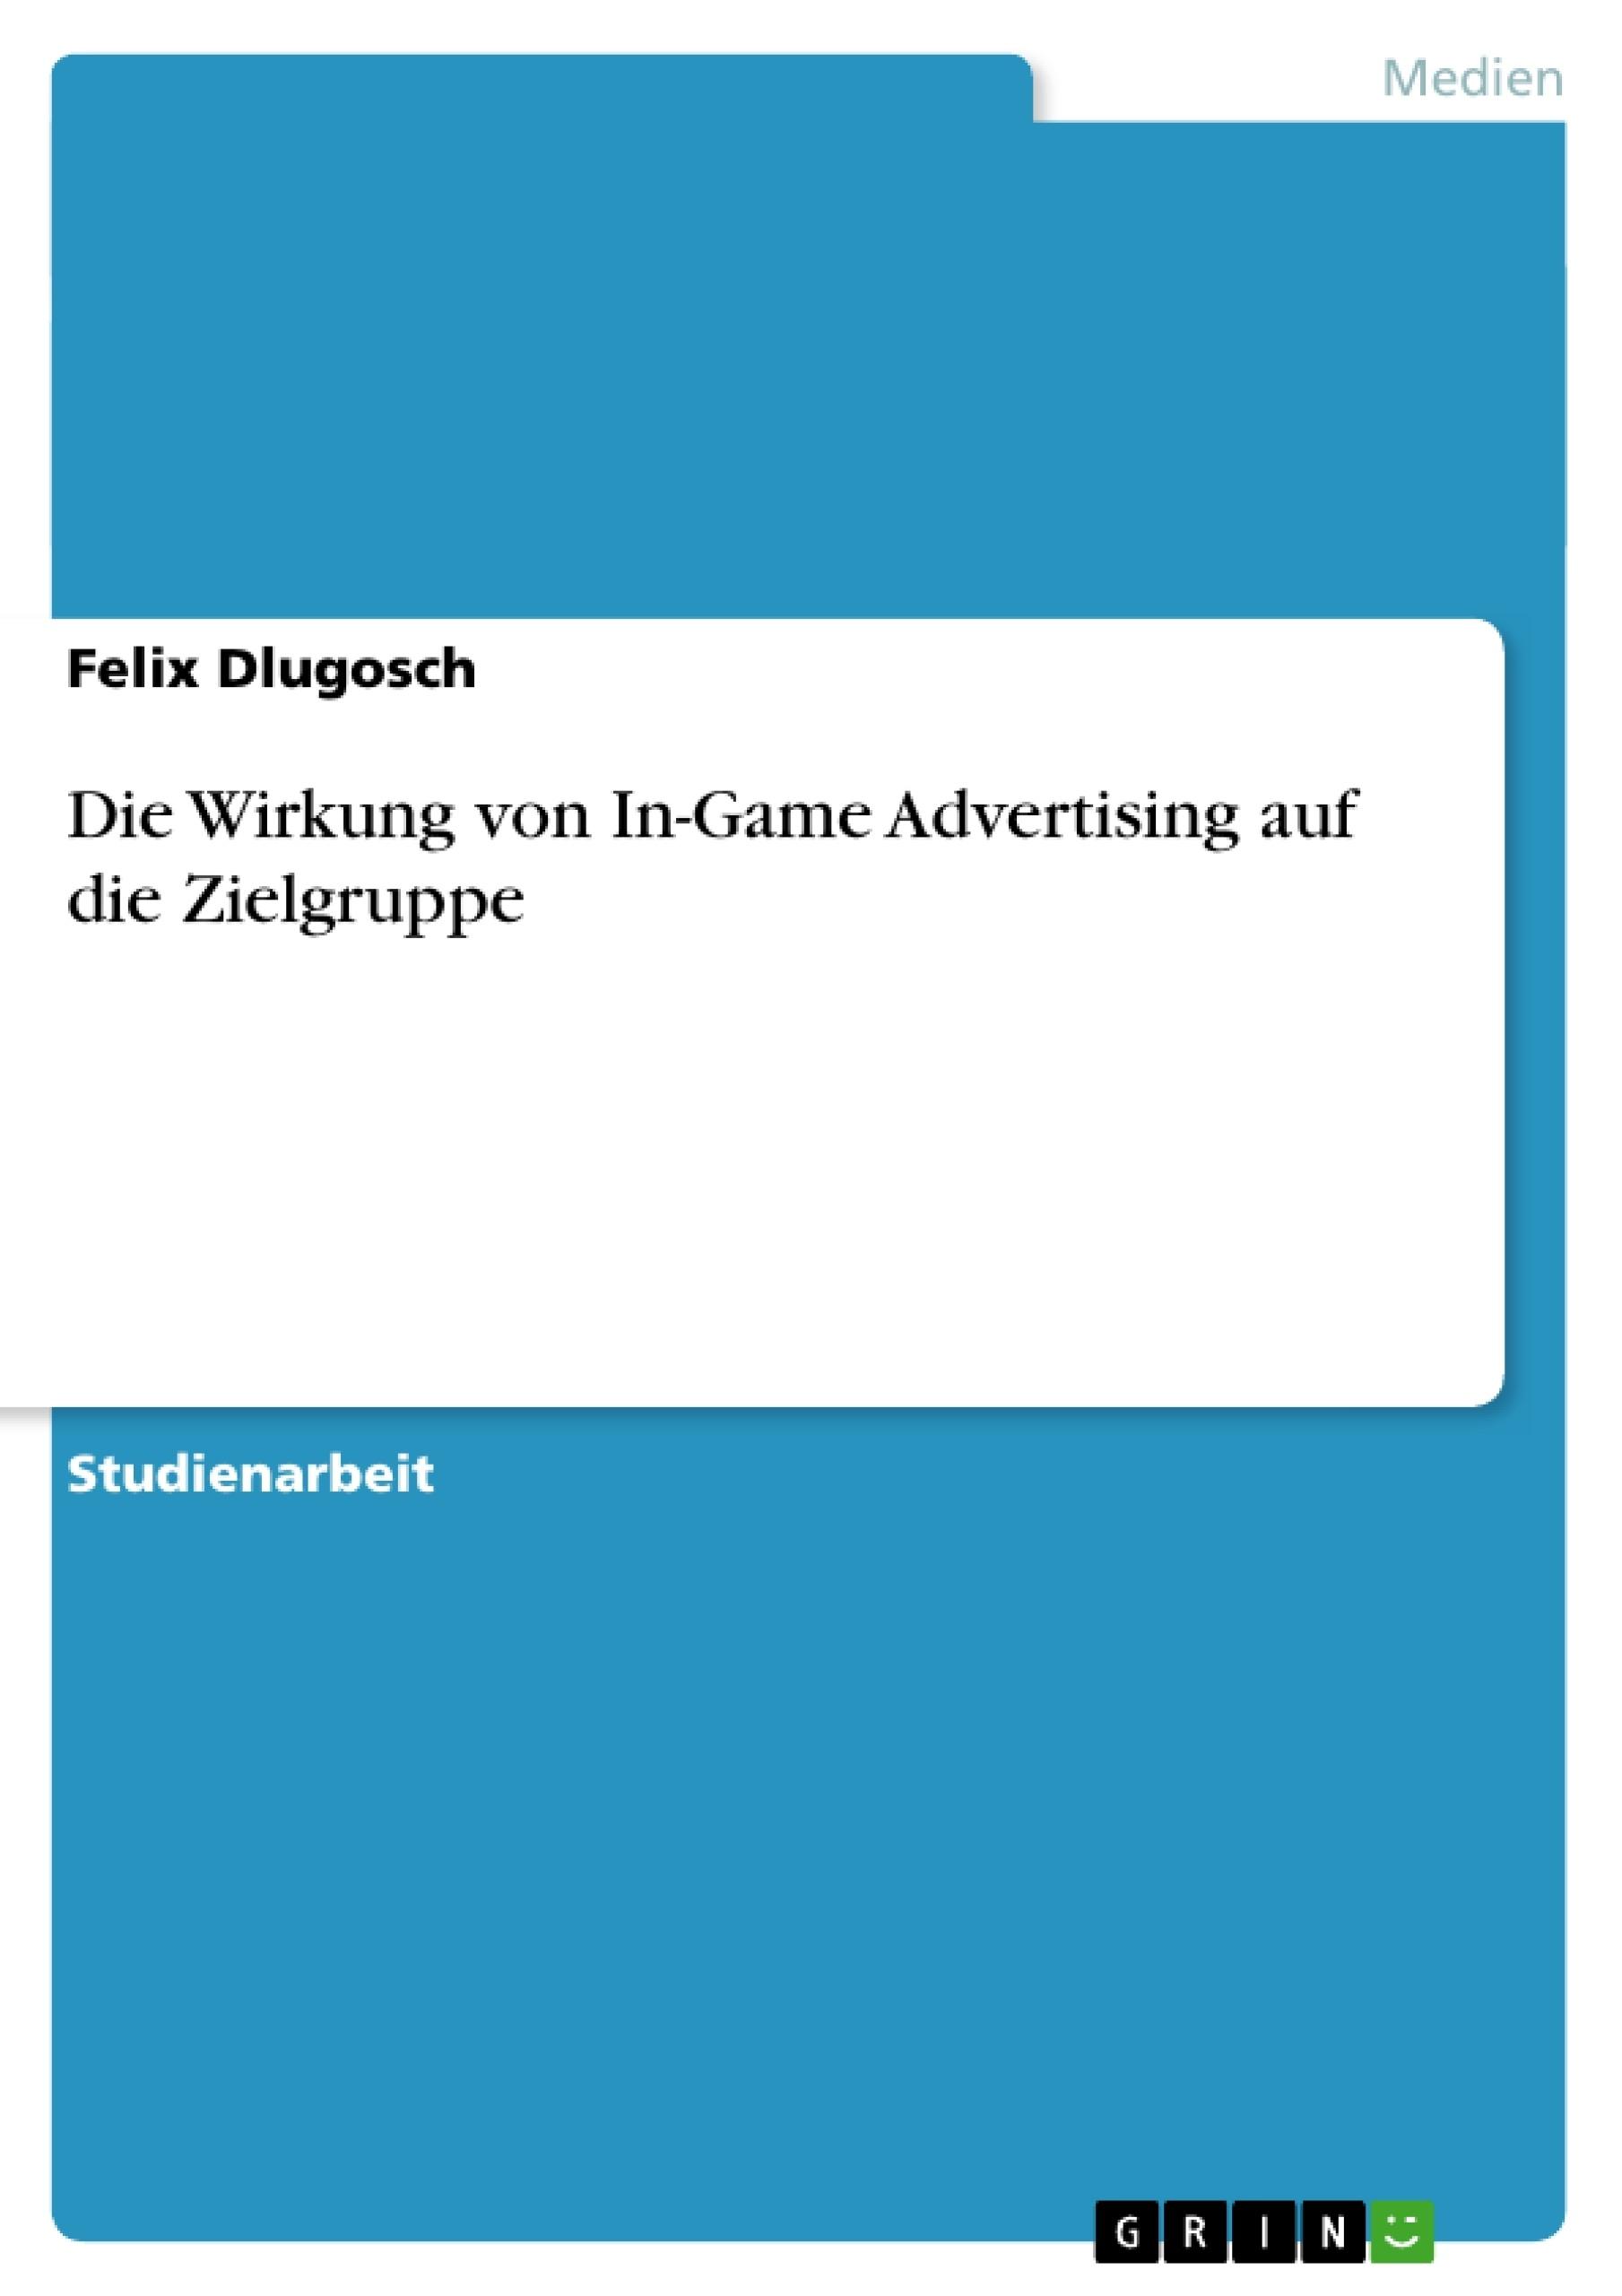 Titel: Die Wirkung von In-Game Advertising auf die Zielgruppe